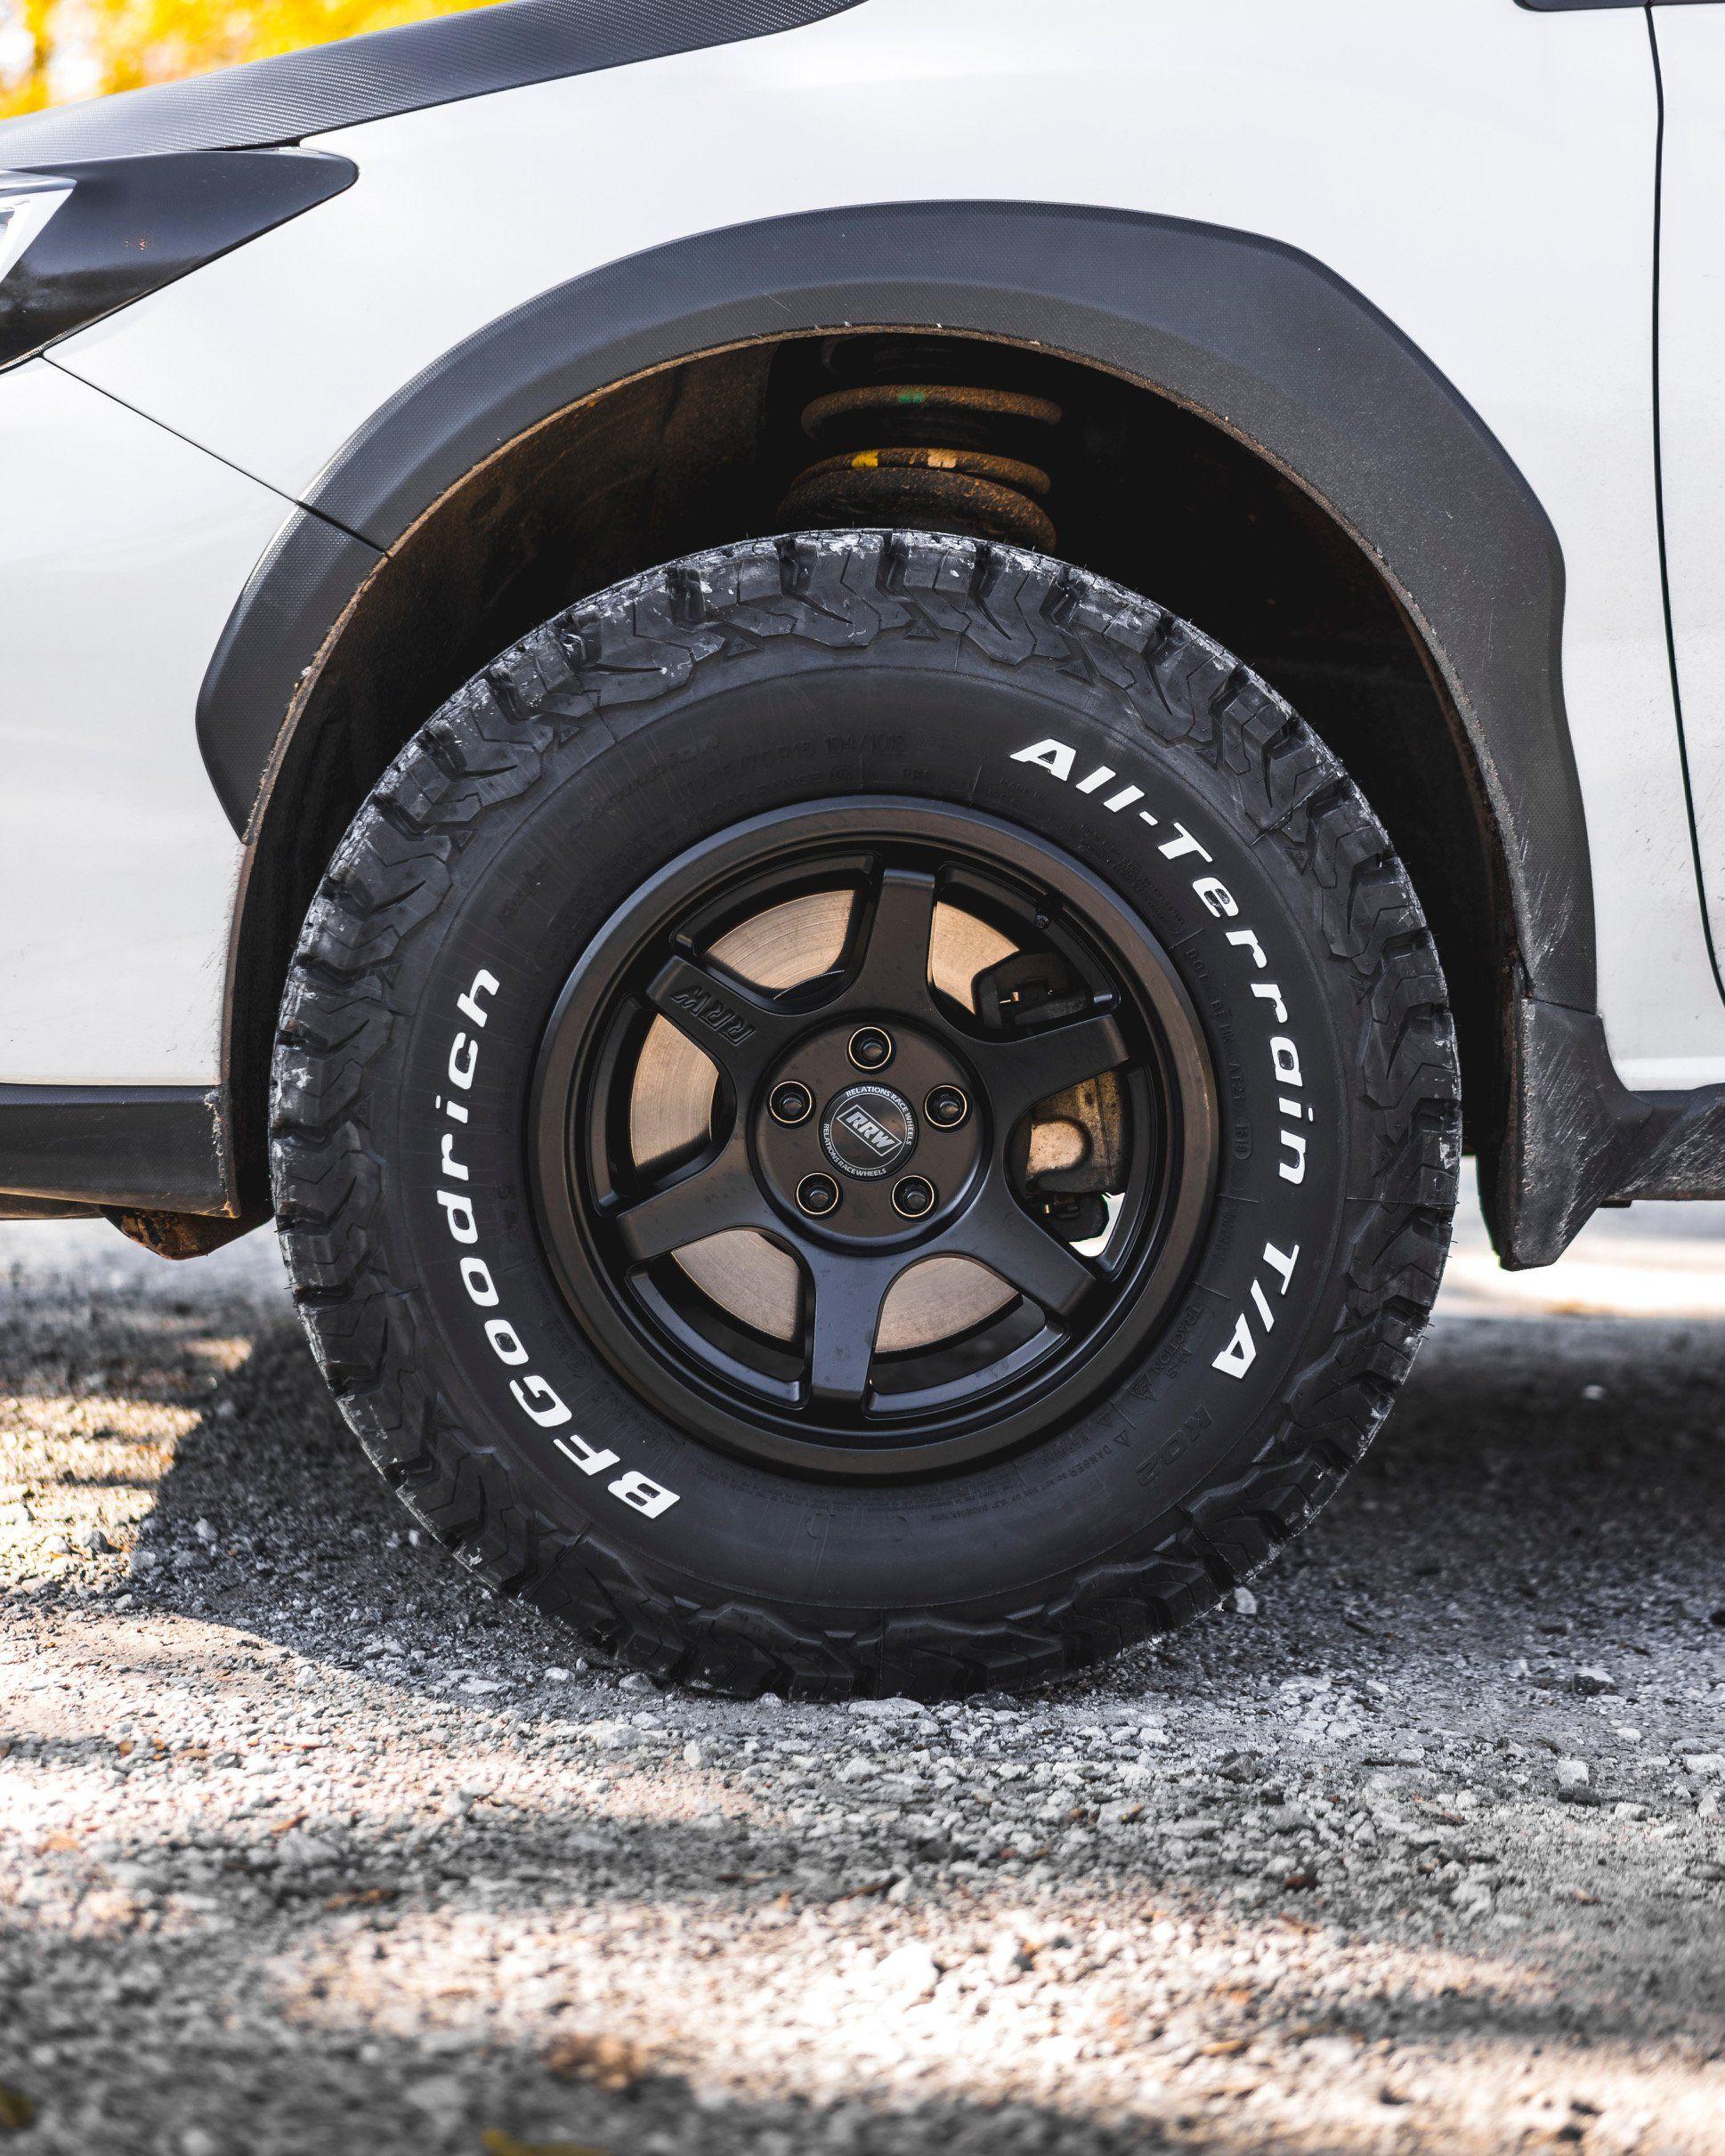 Rr2 S 15x7 15 5x100 Subaru Crosstrek Relations Race Wheels Subaru Crosstrek Wheel Subaru Rims